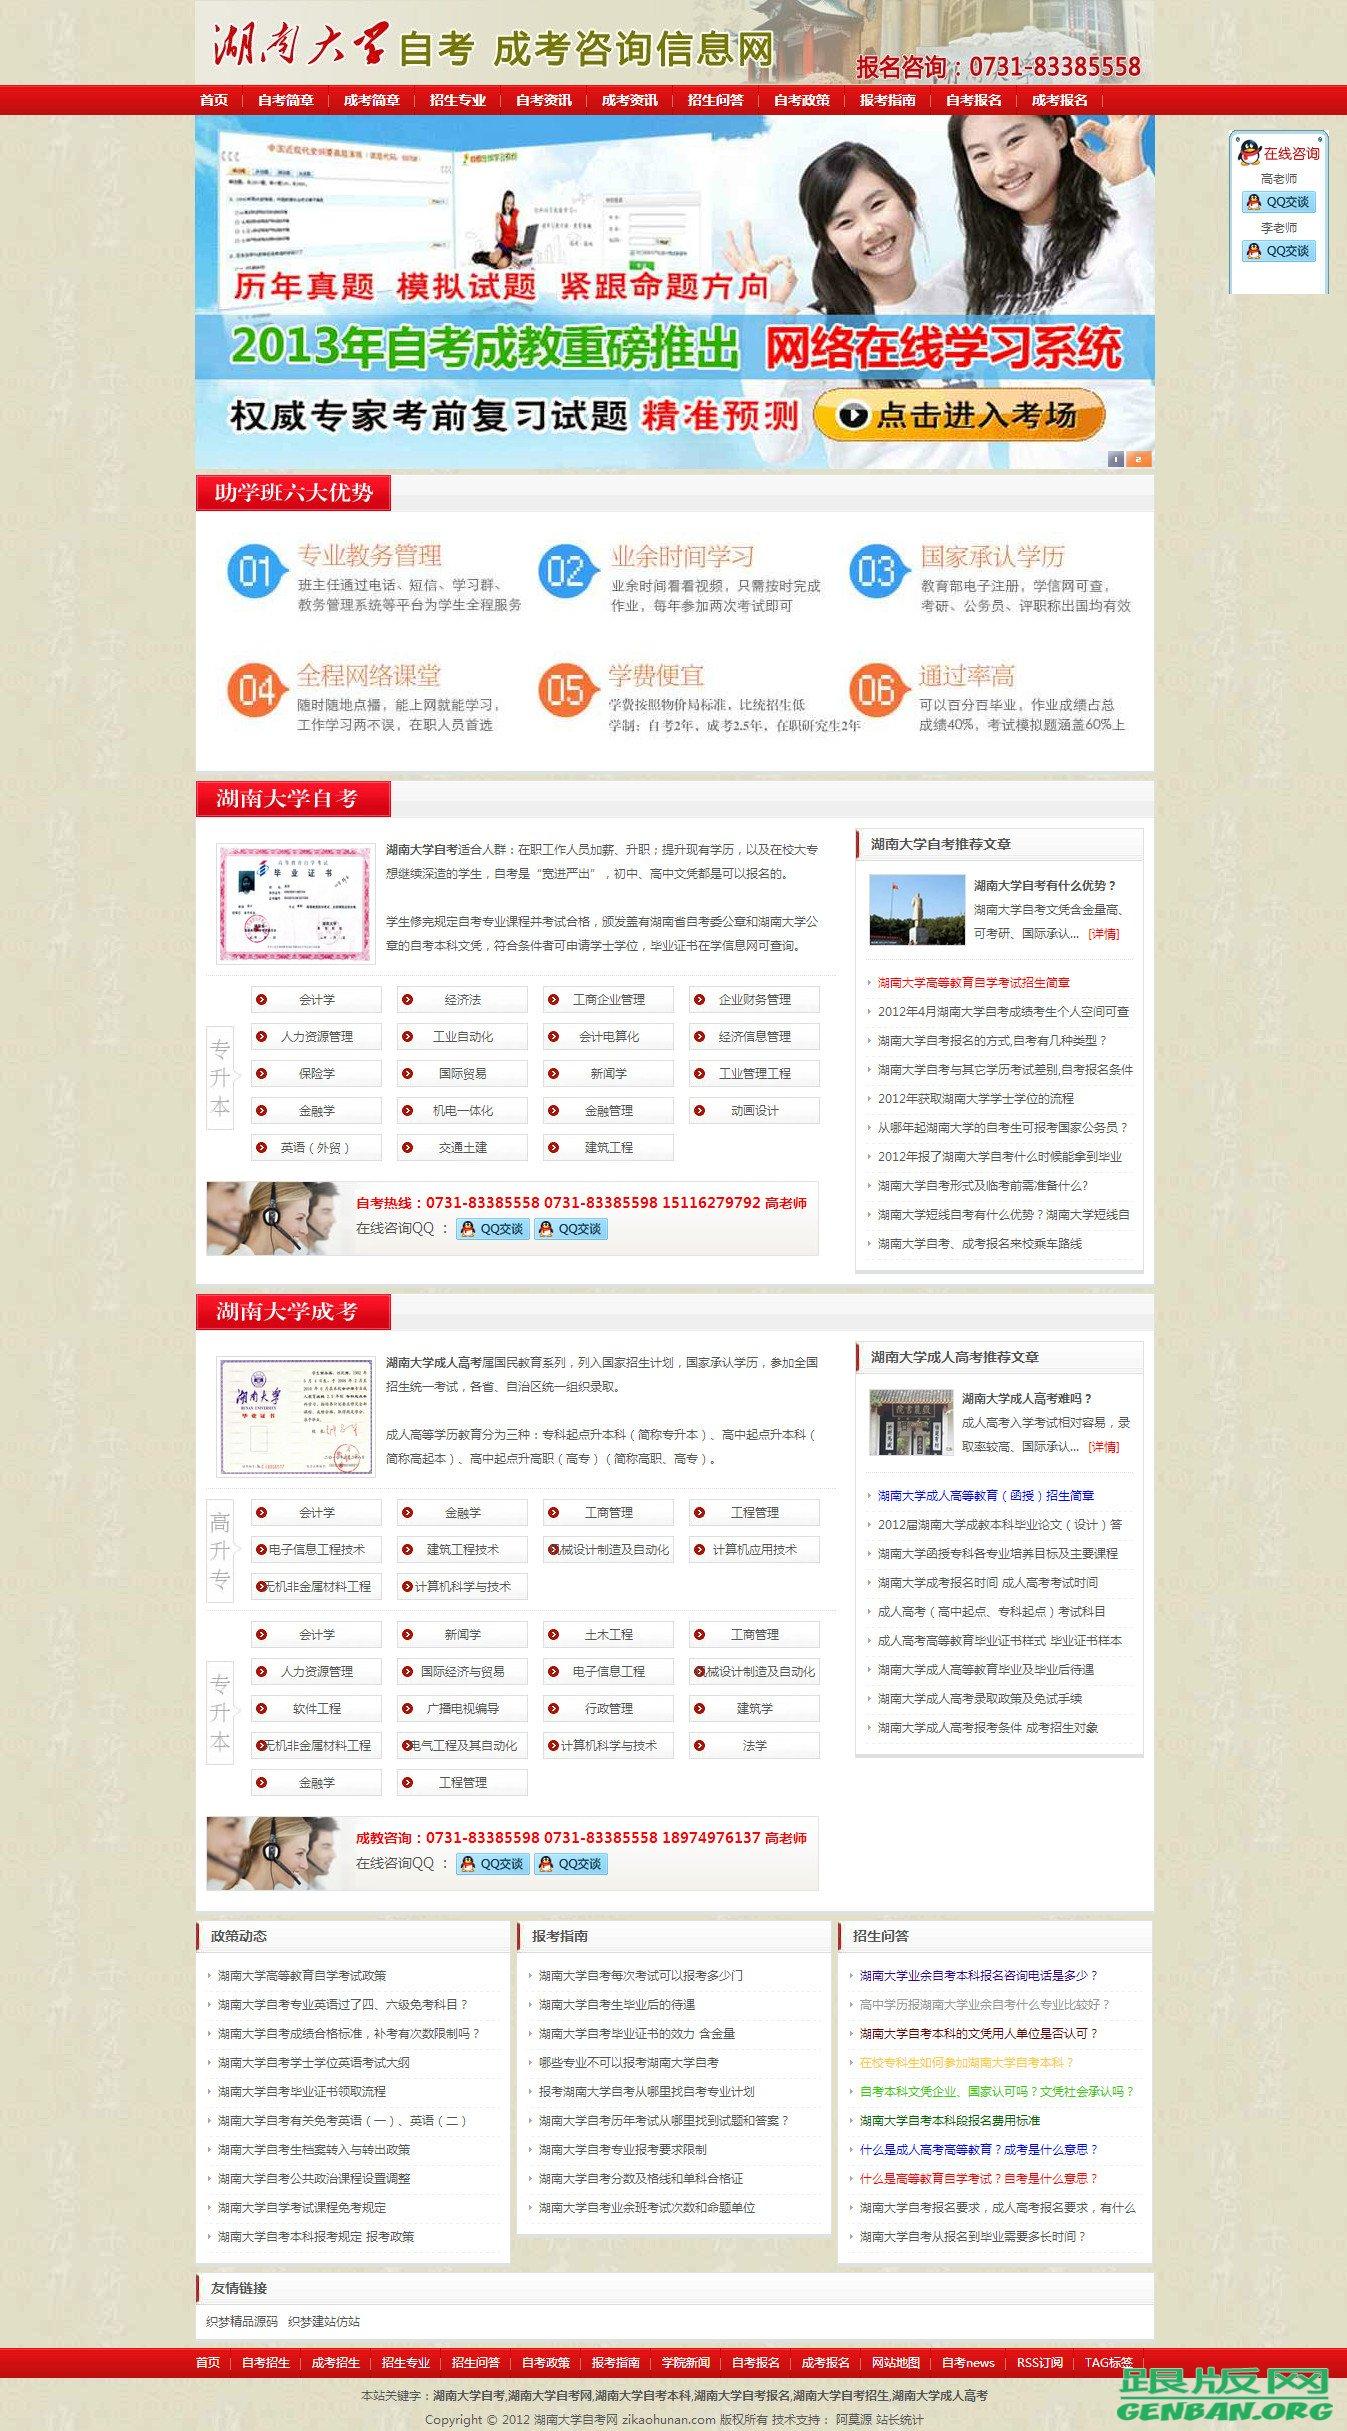 dedecms某自考网站源码-织梦教育类网站源码